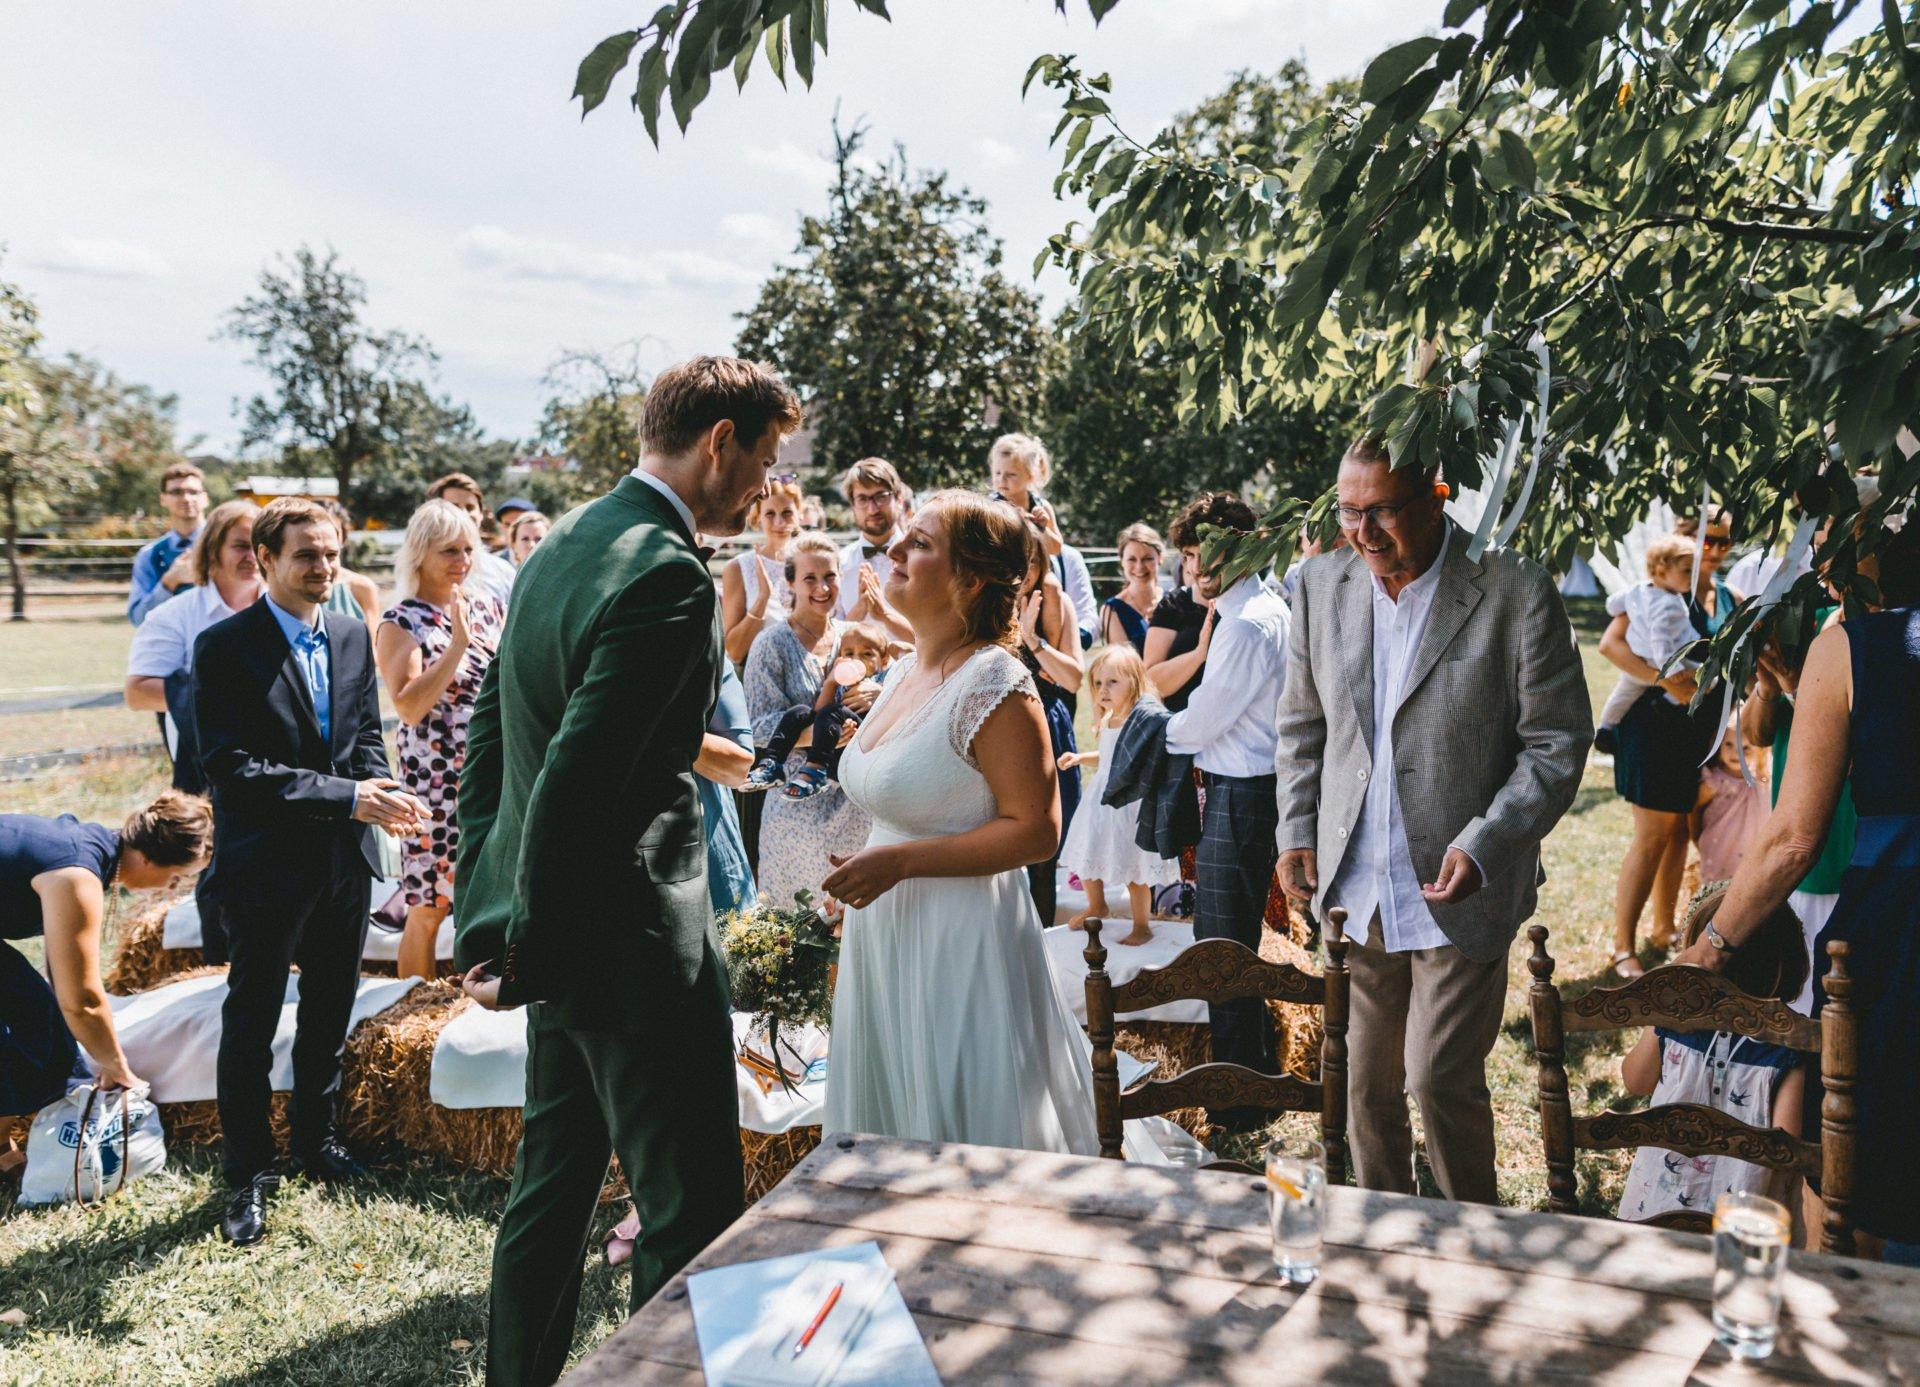 50mmfreunde Berlin Hochzeit 035 1920x1387 - Sommerhochzeit in dem Vierseithofcafé im Berliner Umland